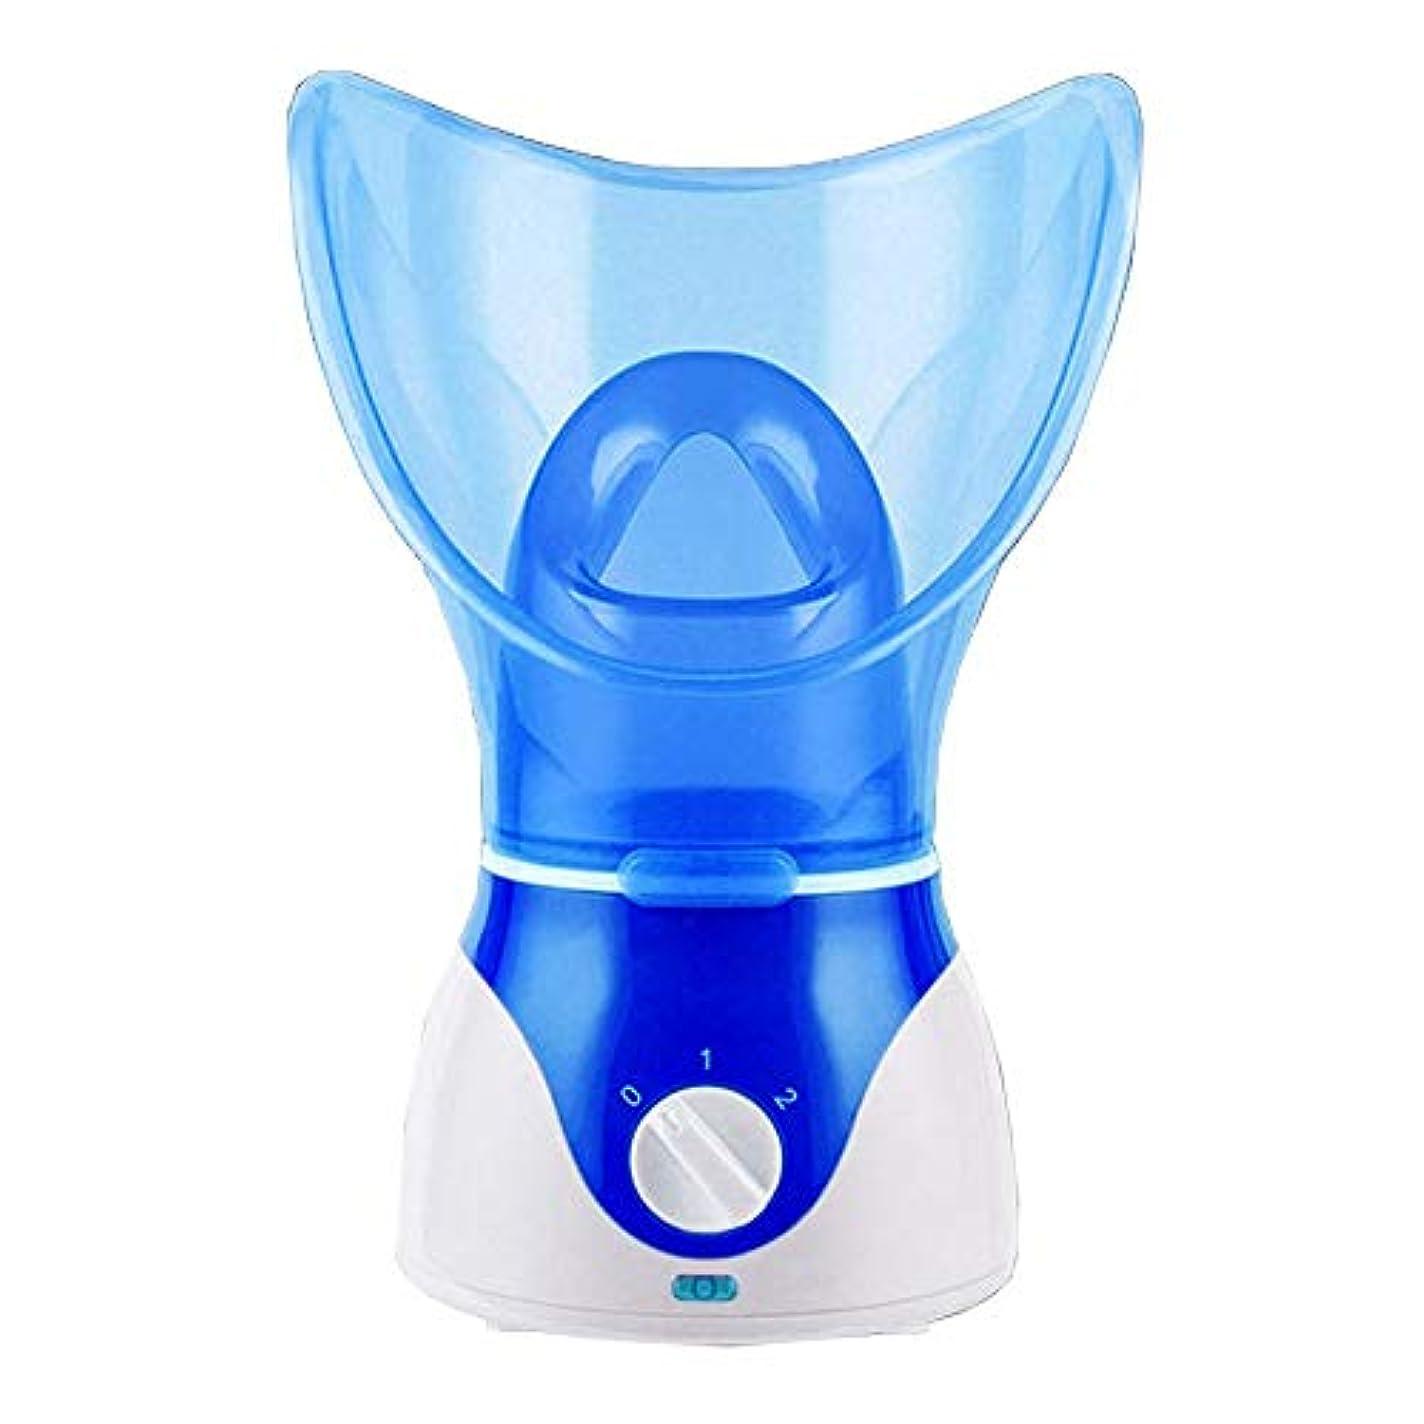 ブルームセグメントゴシップYalztc-zyq16 解毒の若返りのナノ汽船の美の器械の顔の加湿器、紫色を白くする携帯用再充電可能な蒸気の顔の水和のスプレーヤー (Color : Blue)